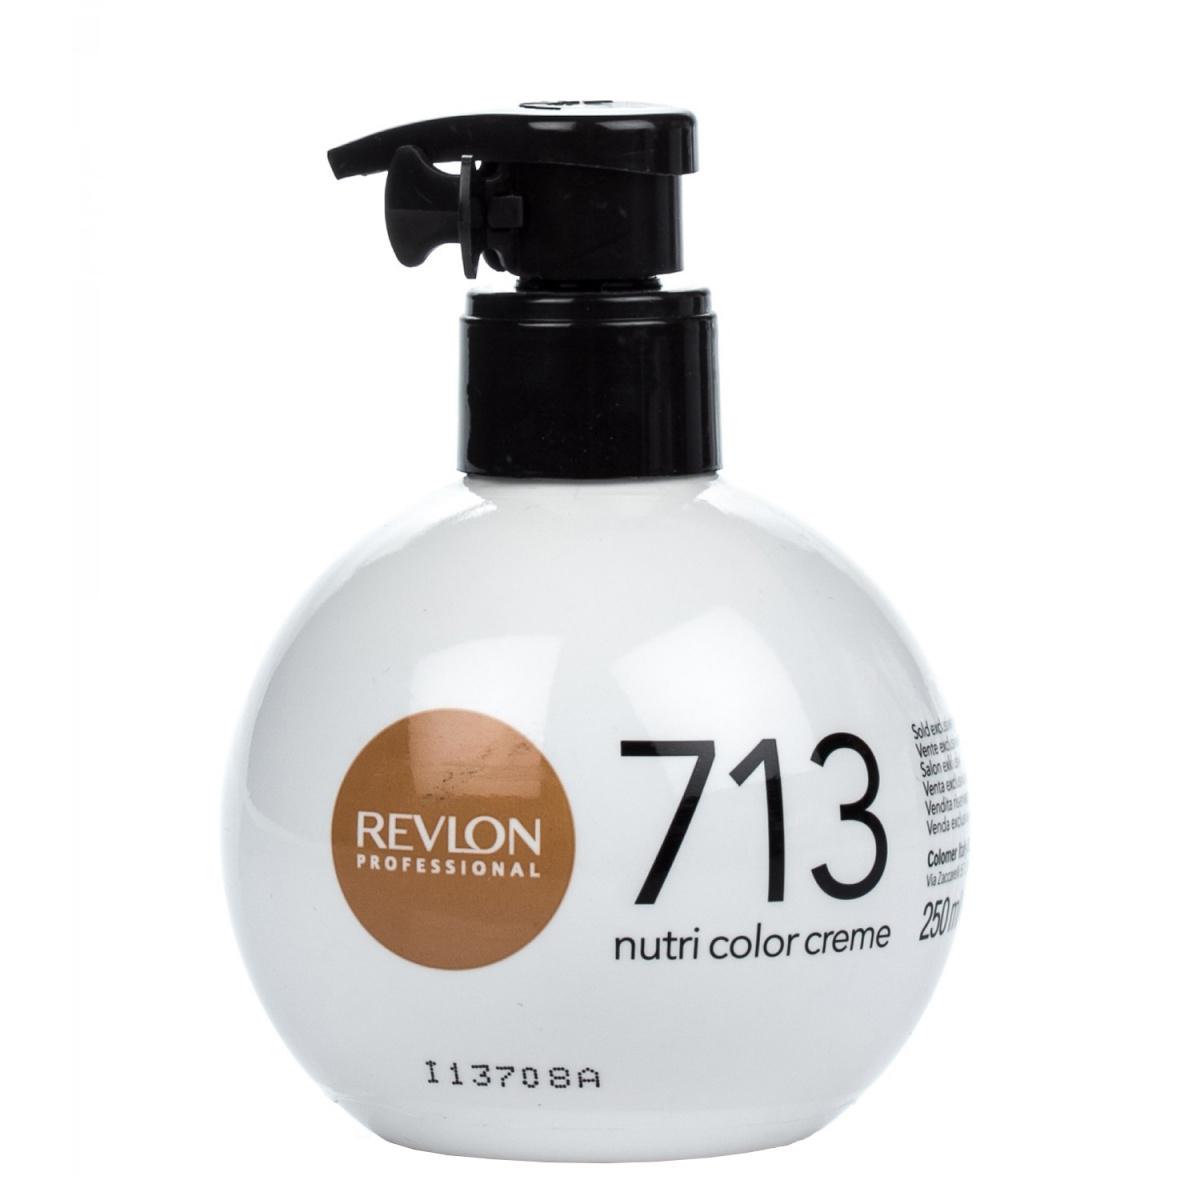 REVLON Крем-Краска Nutri Color Creme, 270 мл revlon крем краска nutri color creme 270 мл